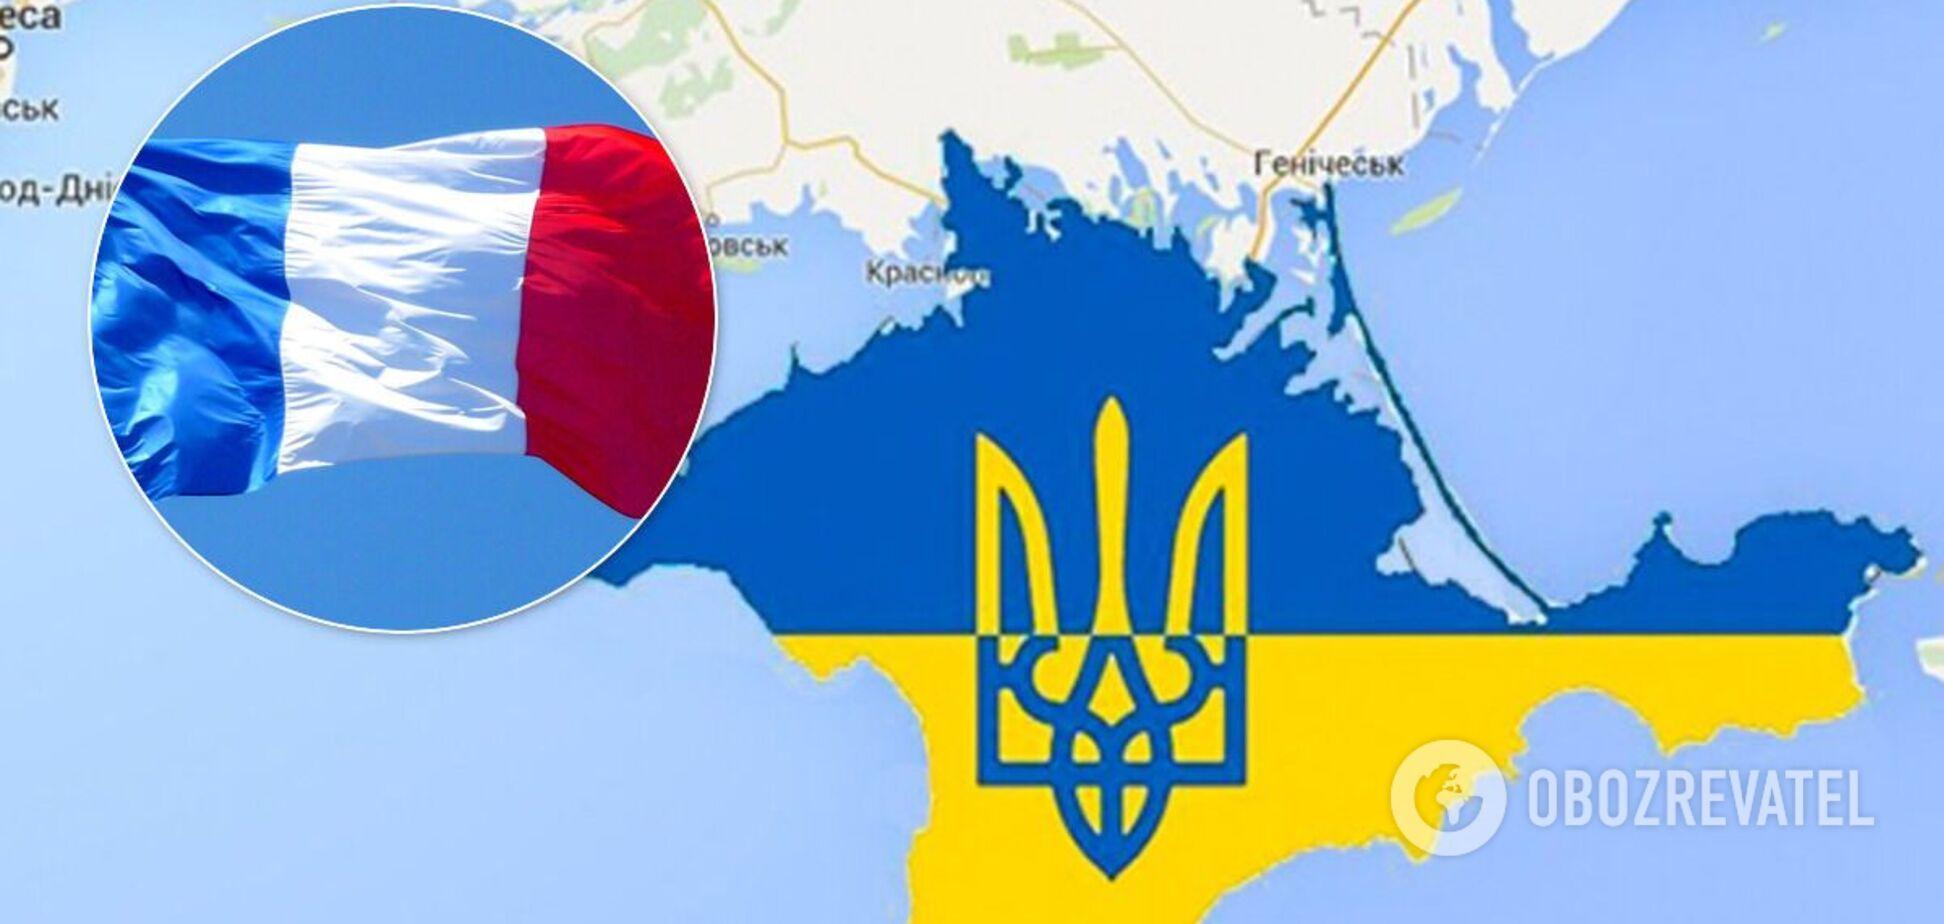 У Франції заявили про готовність приєднатися до Кримської платформи